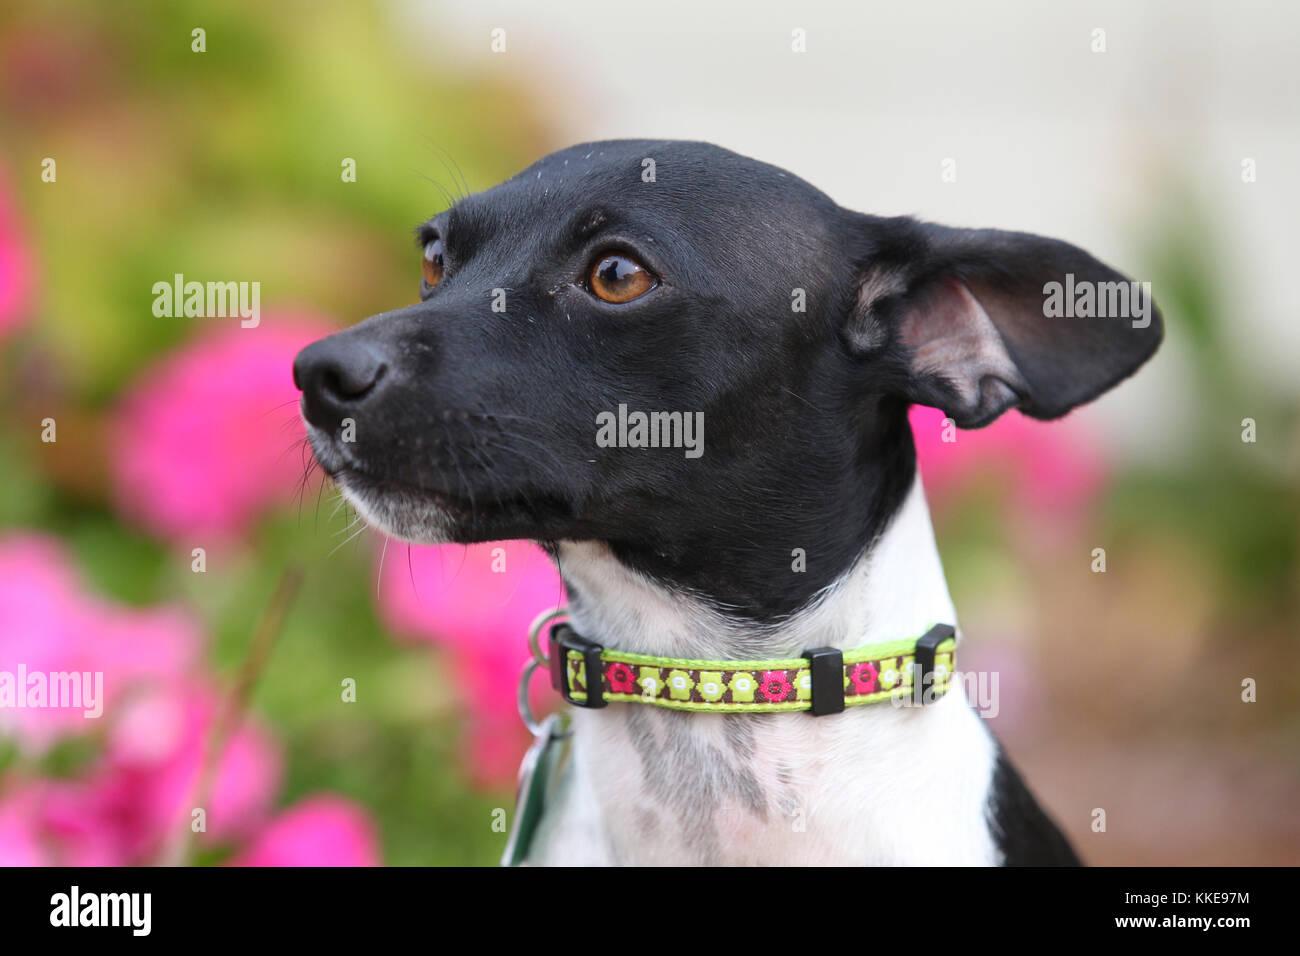 Terrier - Ratte terrier ratonero bodeguero Andaluz Stockbild